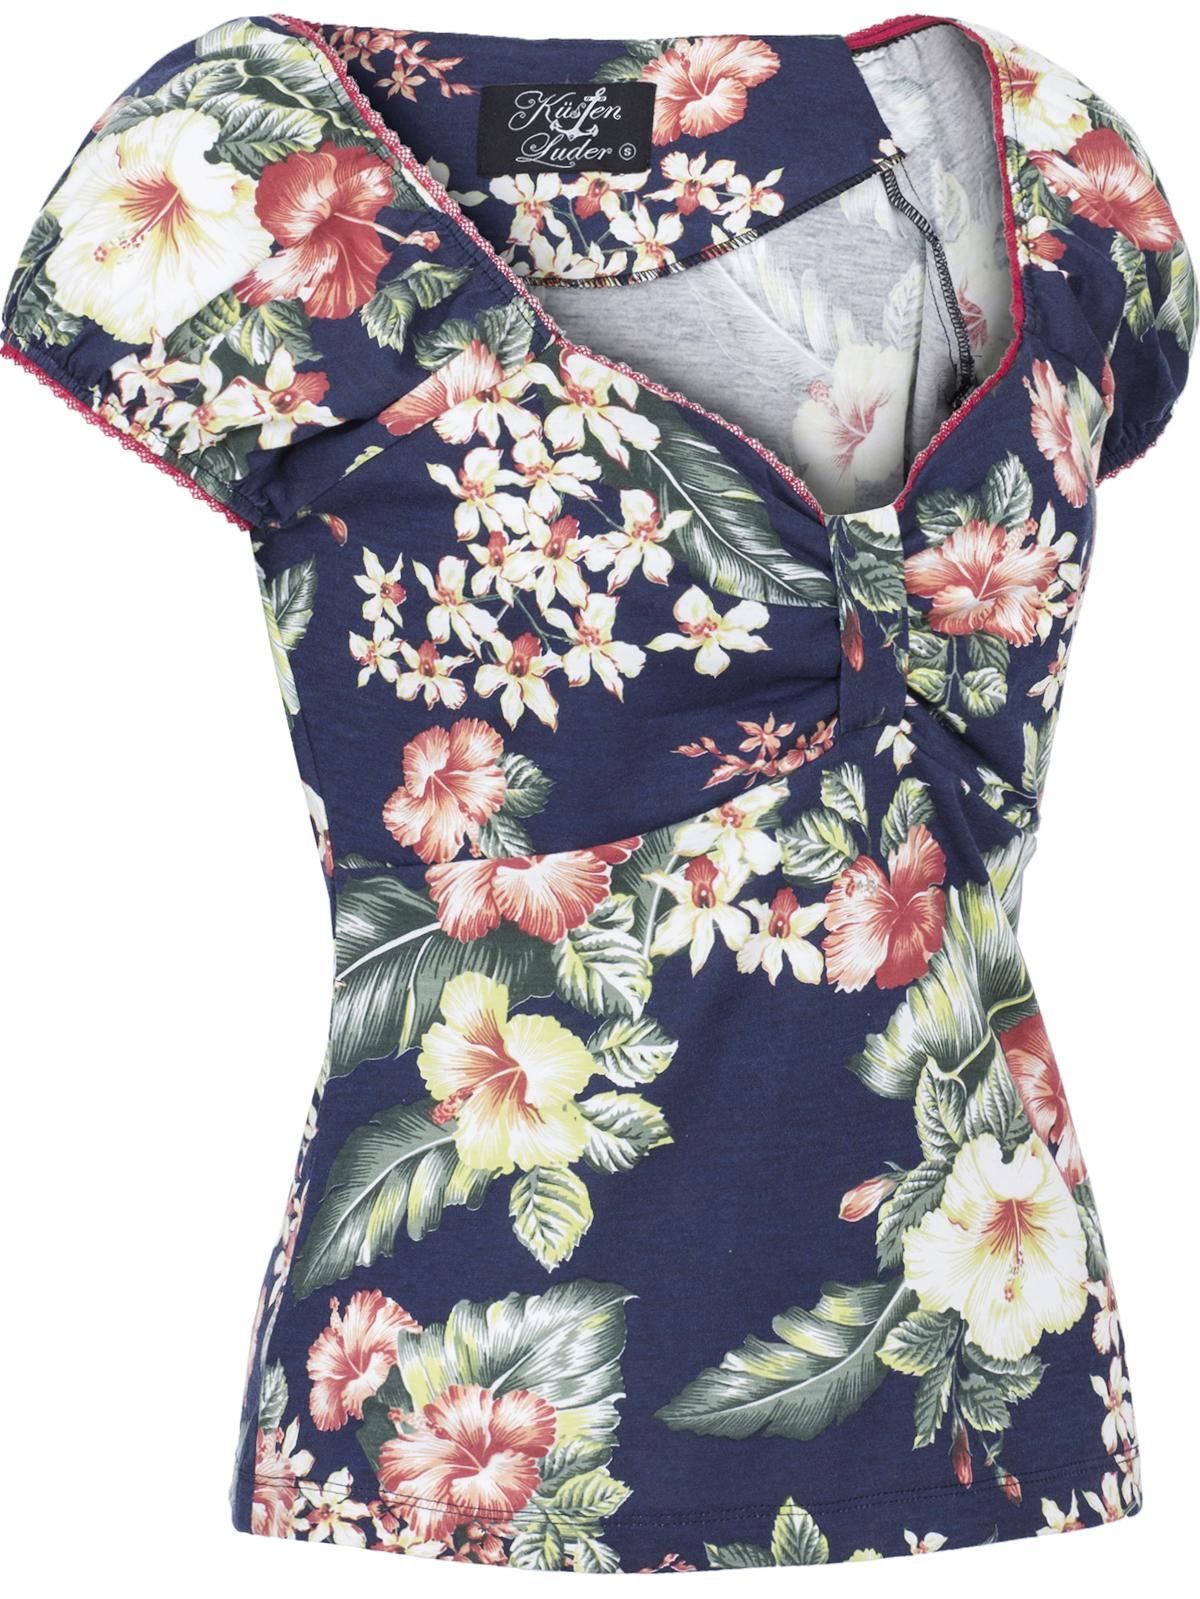 Küstenluder TOSSKA Vintage TROPICAL Hibiskus Flower Shirt OBERTEIL Rockabilly